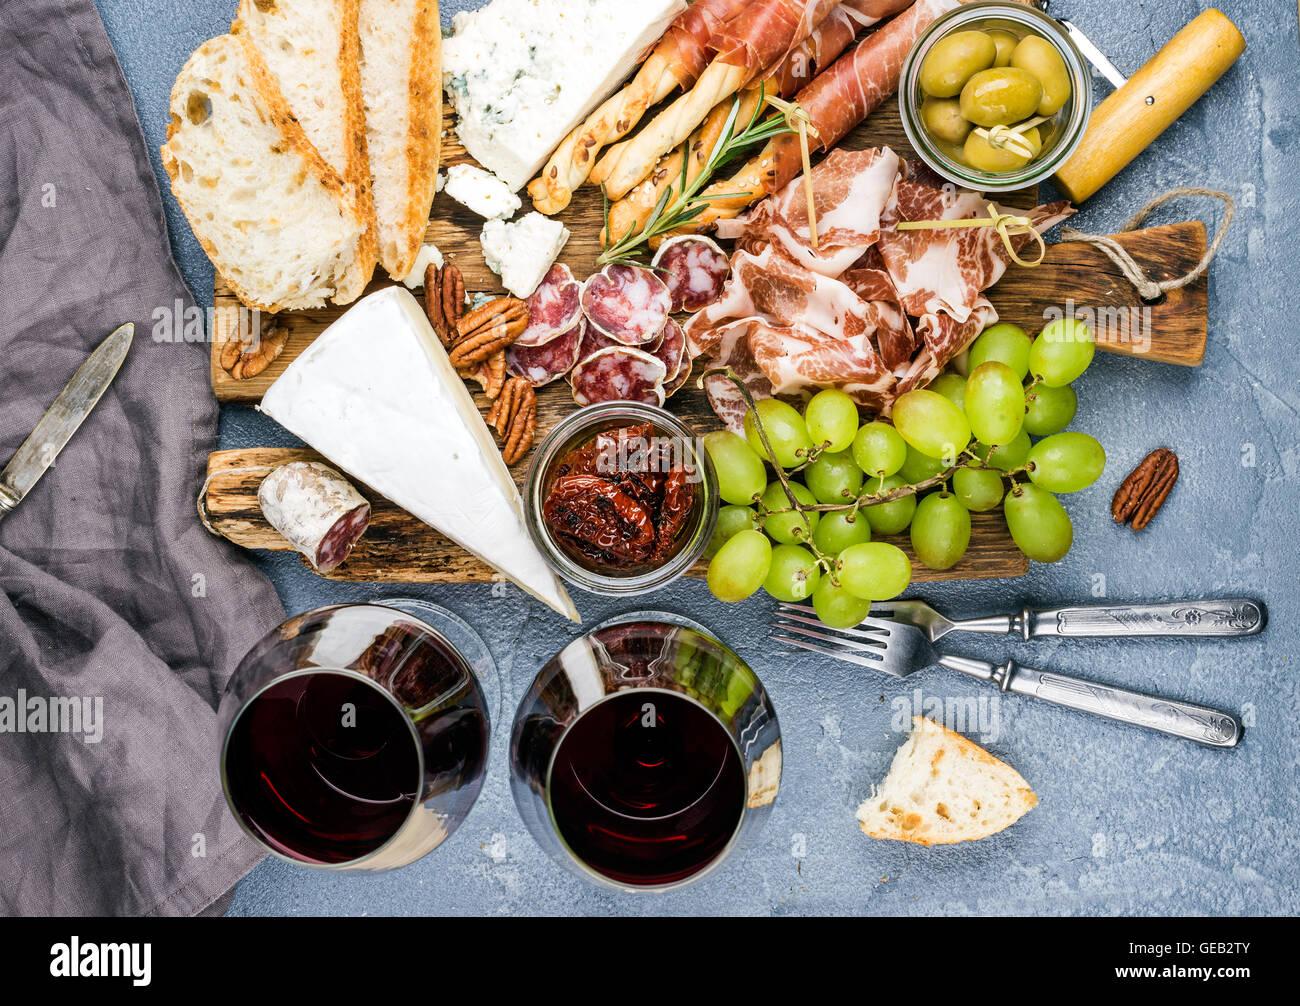 Käse und Fleisch Vorspeise Auswahl. Parmaschinken, Salami, Brot klebt, Scheiben Baguette, Oliven, getrocknete Stockbild